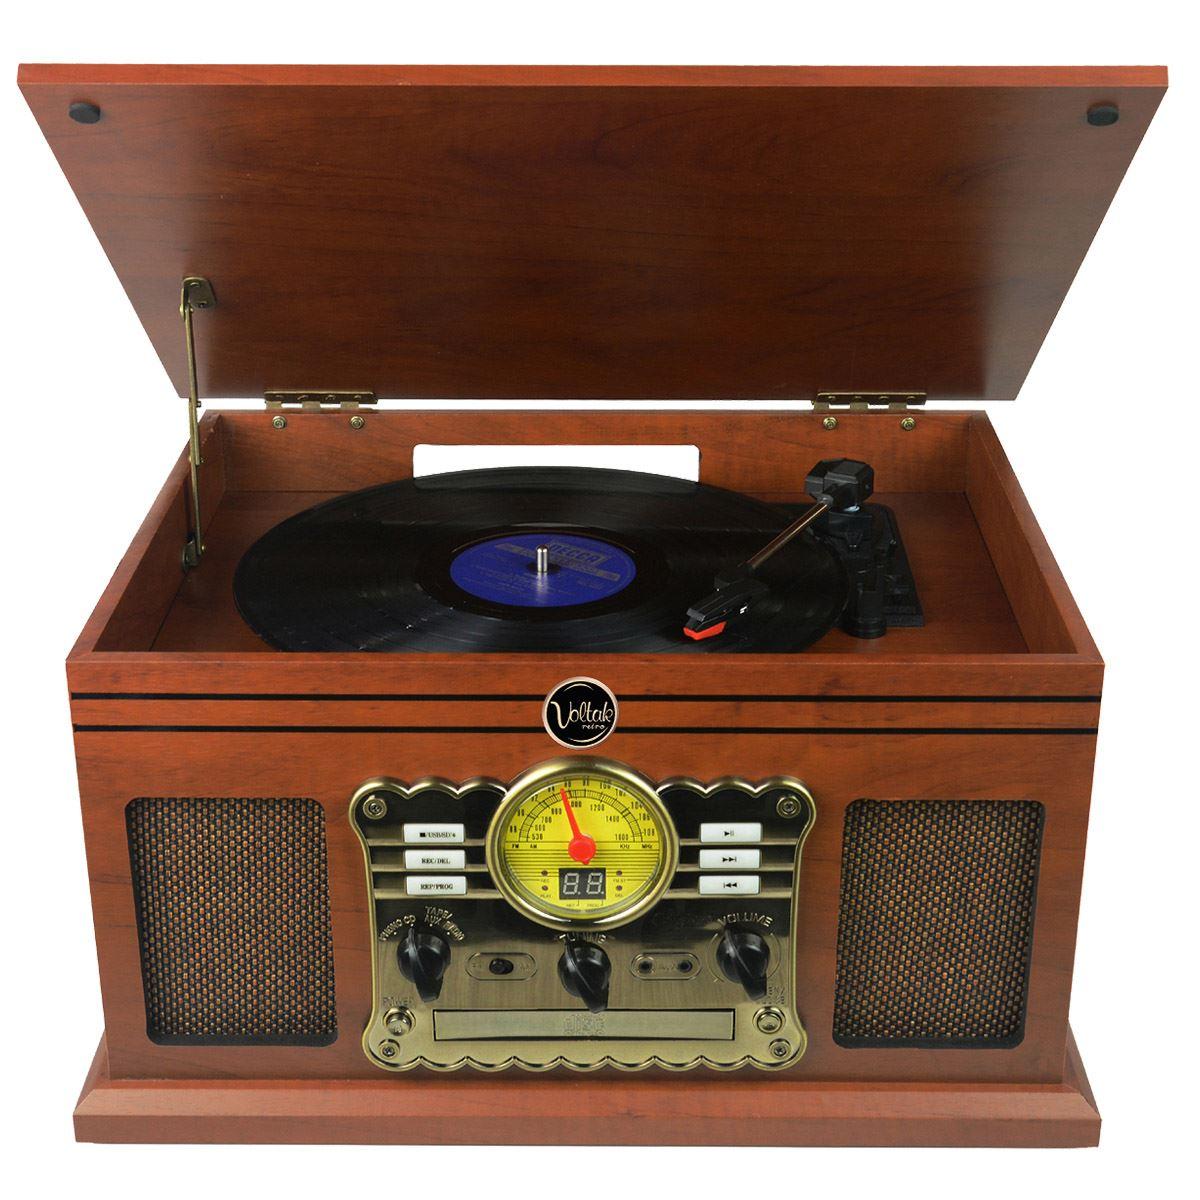 Sistema de sonido todo en uno retro voltak  - Sanborns